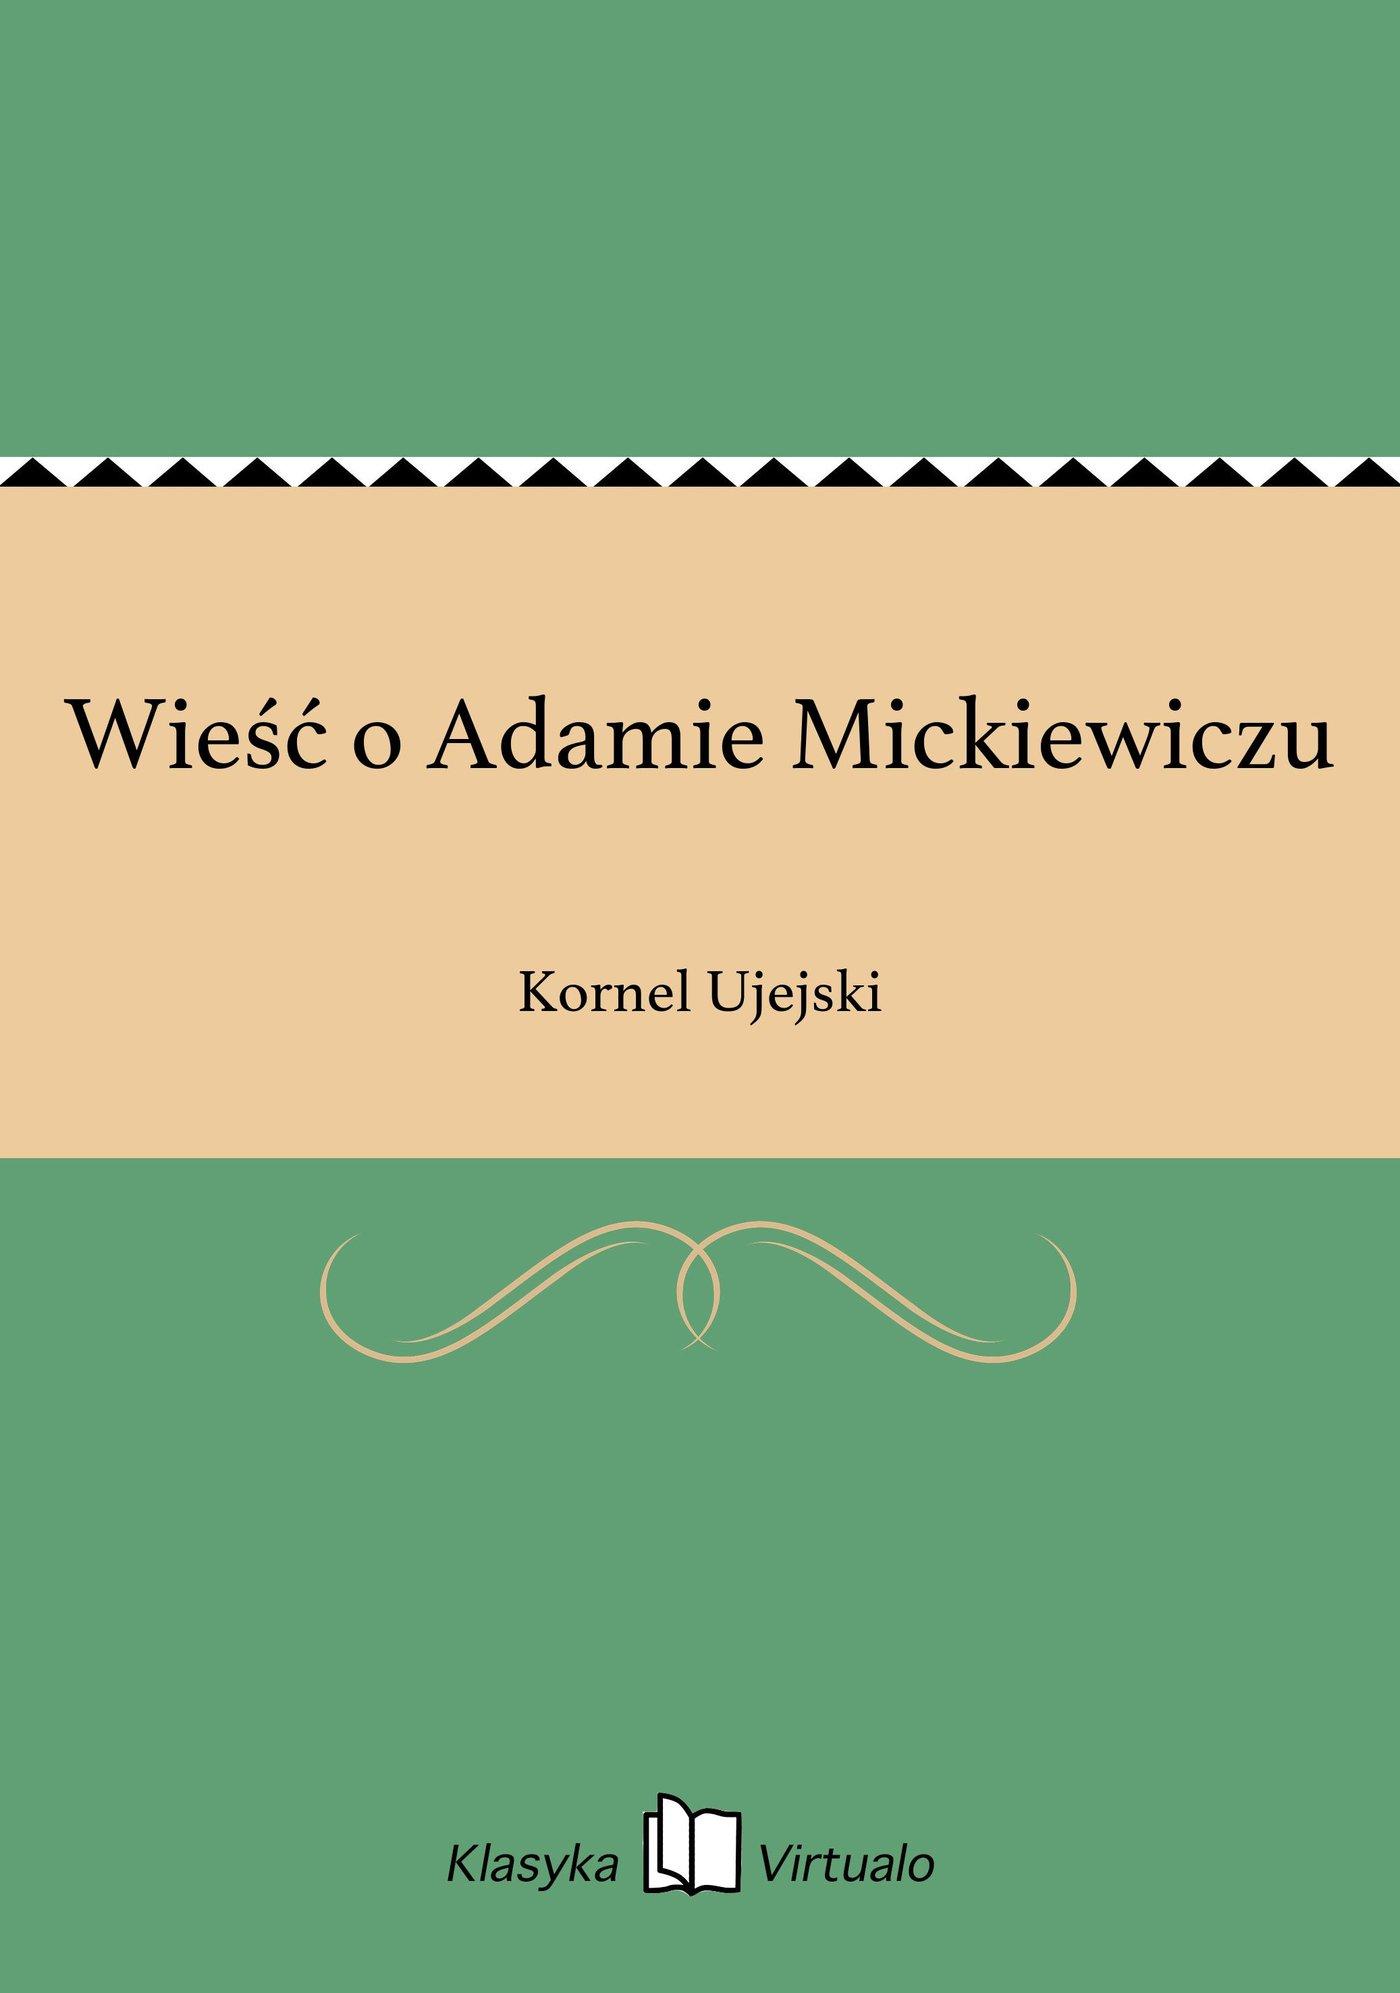 Wieść o Adamie Mickiewiczu - Ebook (Książka EPUB) do pobrania w formacie EPUB